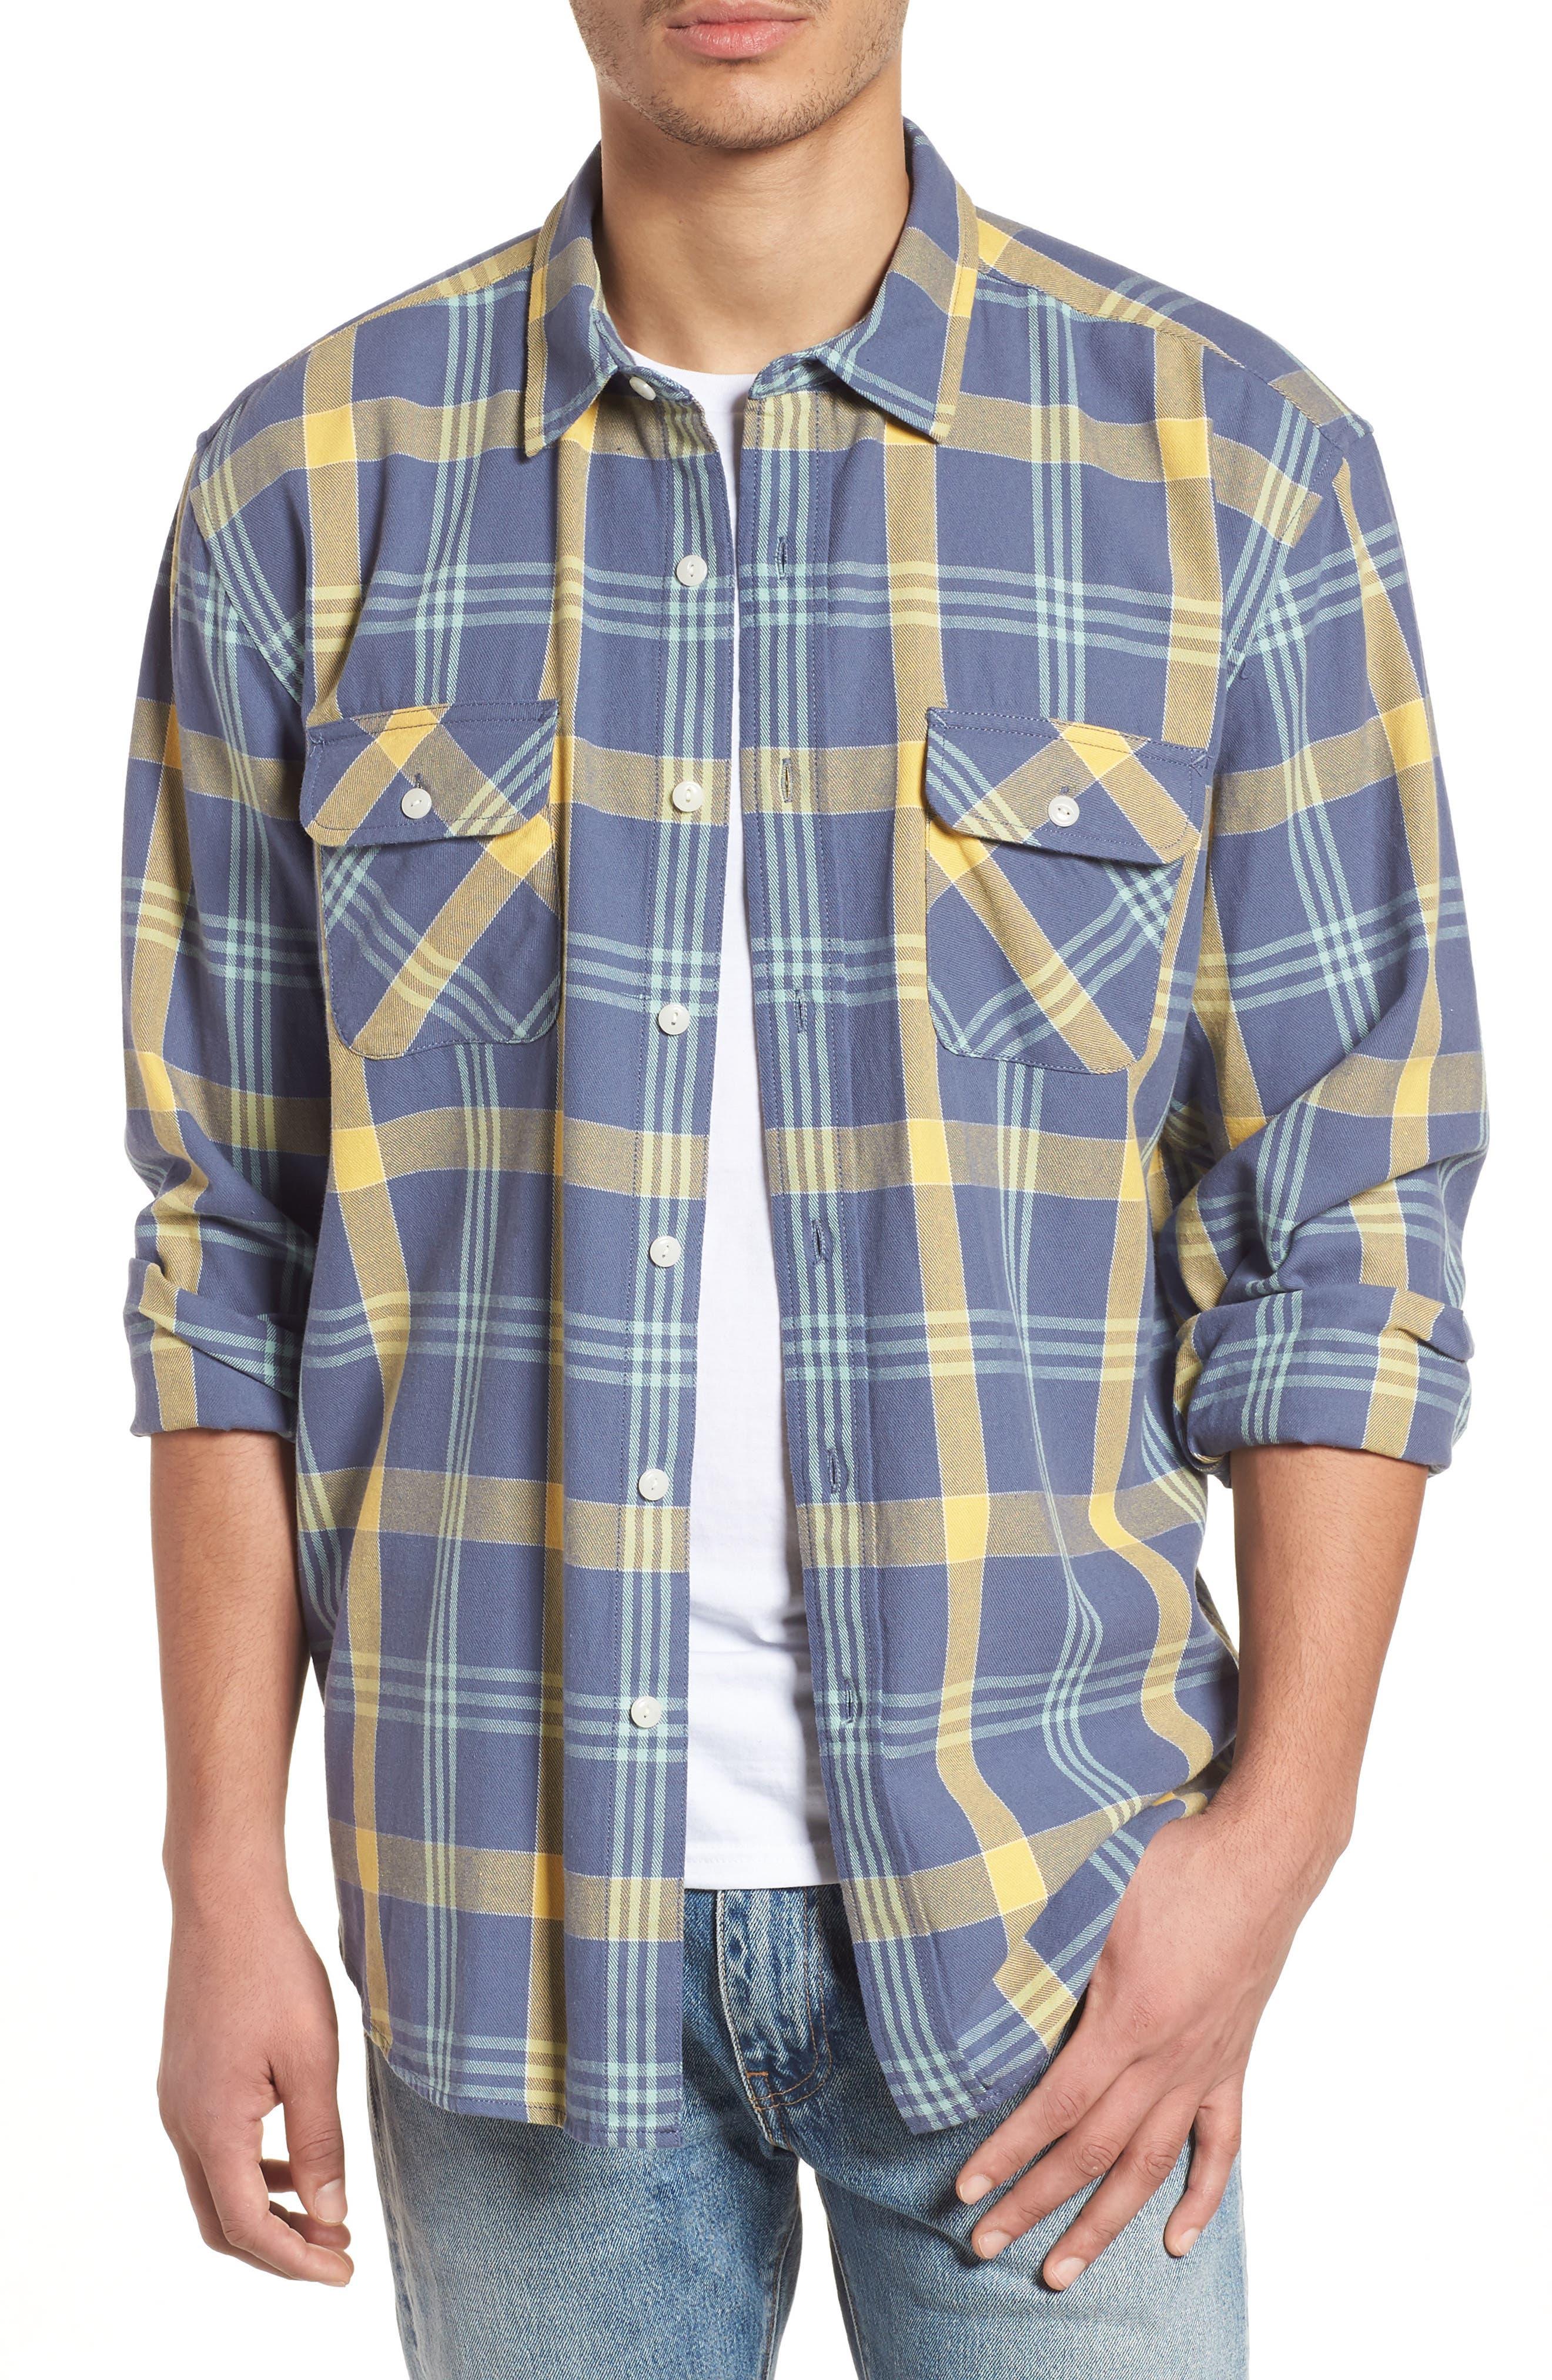 Beach Shack Twill Shirt,                             Main thumbnail 1, color,                             65310 Indigo/Orche Plaid